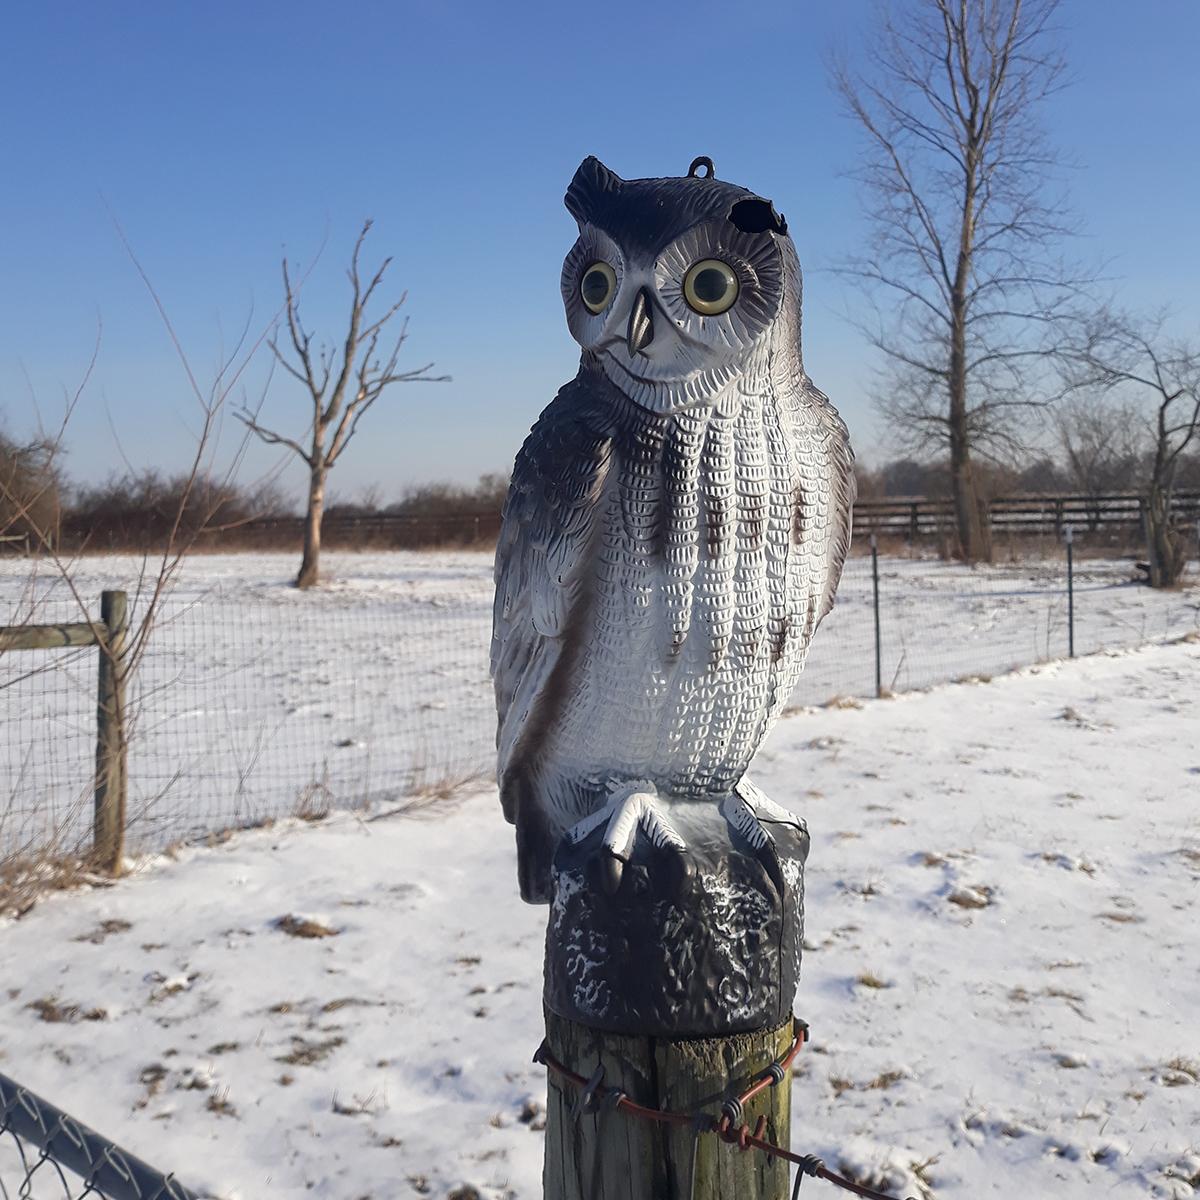 Orchard_House_Boutique-hotel-owl-hawk-farm.jpg